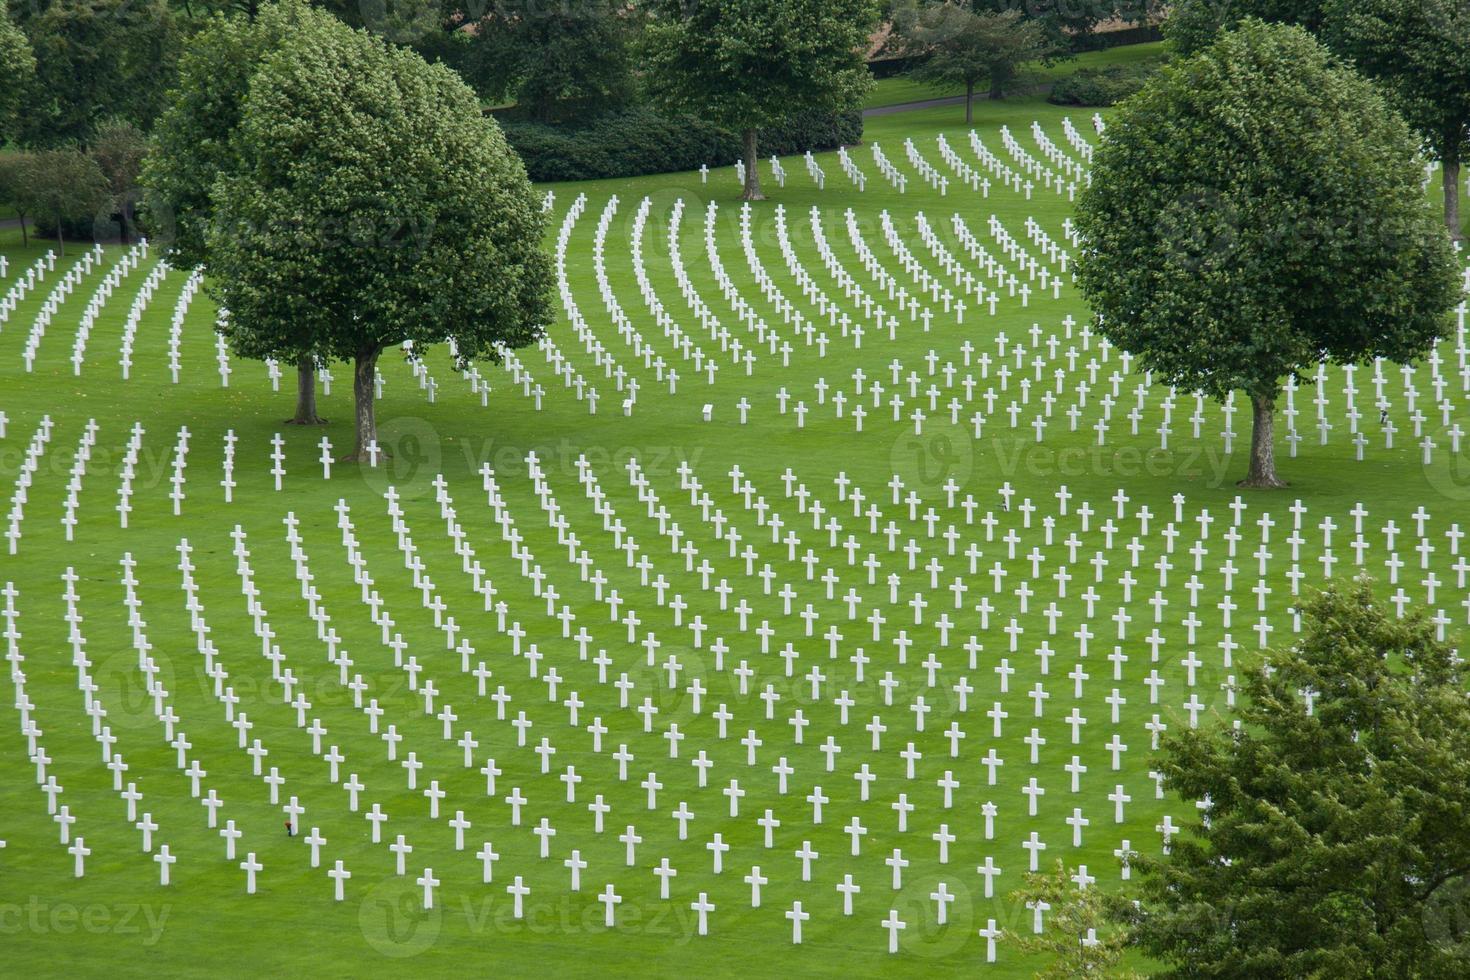 visão geral cemitério wwii americano com árvores foto